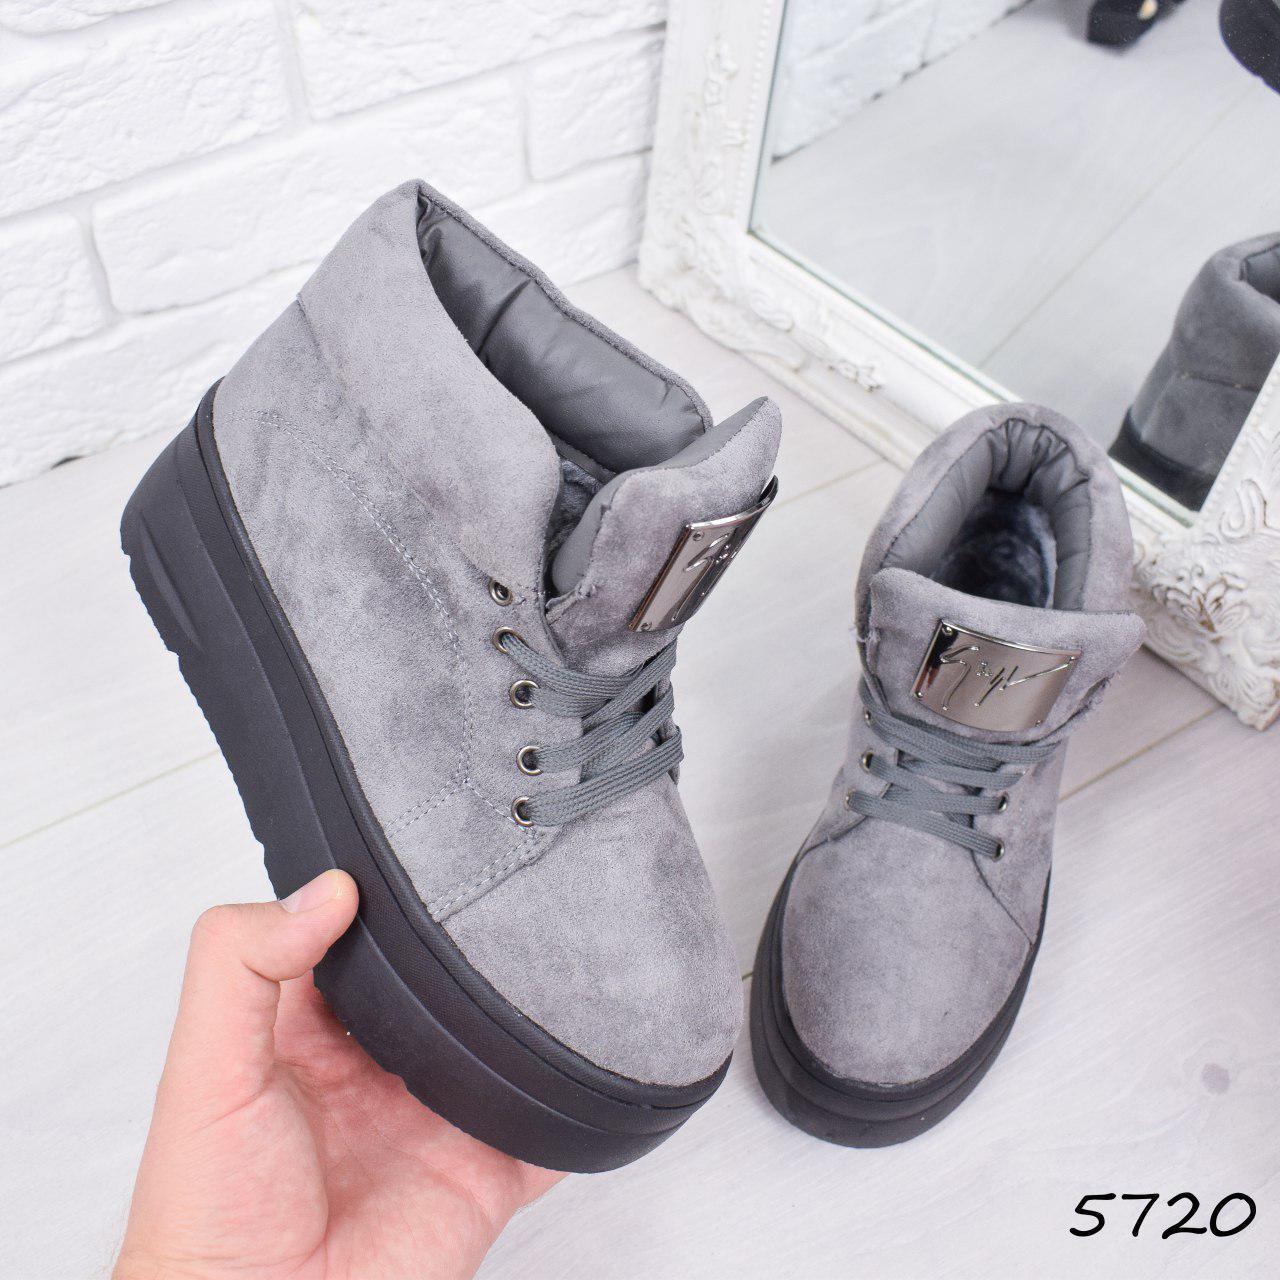 """Ботинки, ботильоны серые ЗИМА """"Gretchen"""" эко замша, повседневная, зимняя, теплая, женская обувь"""